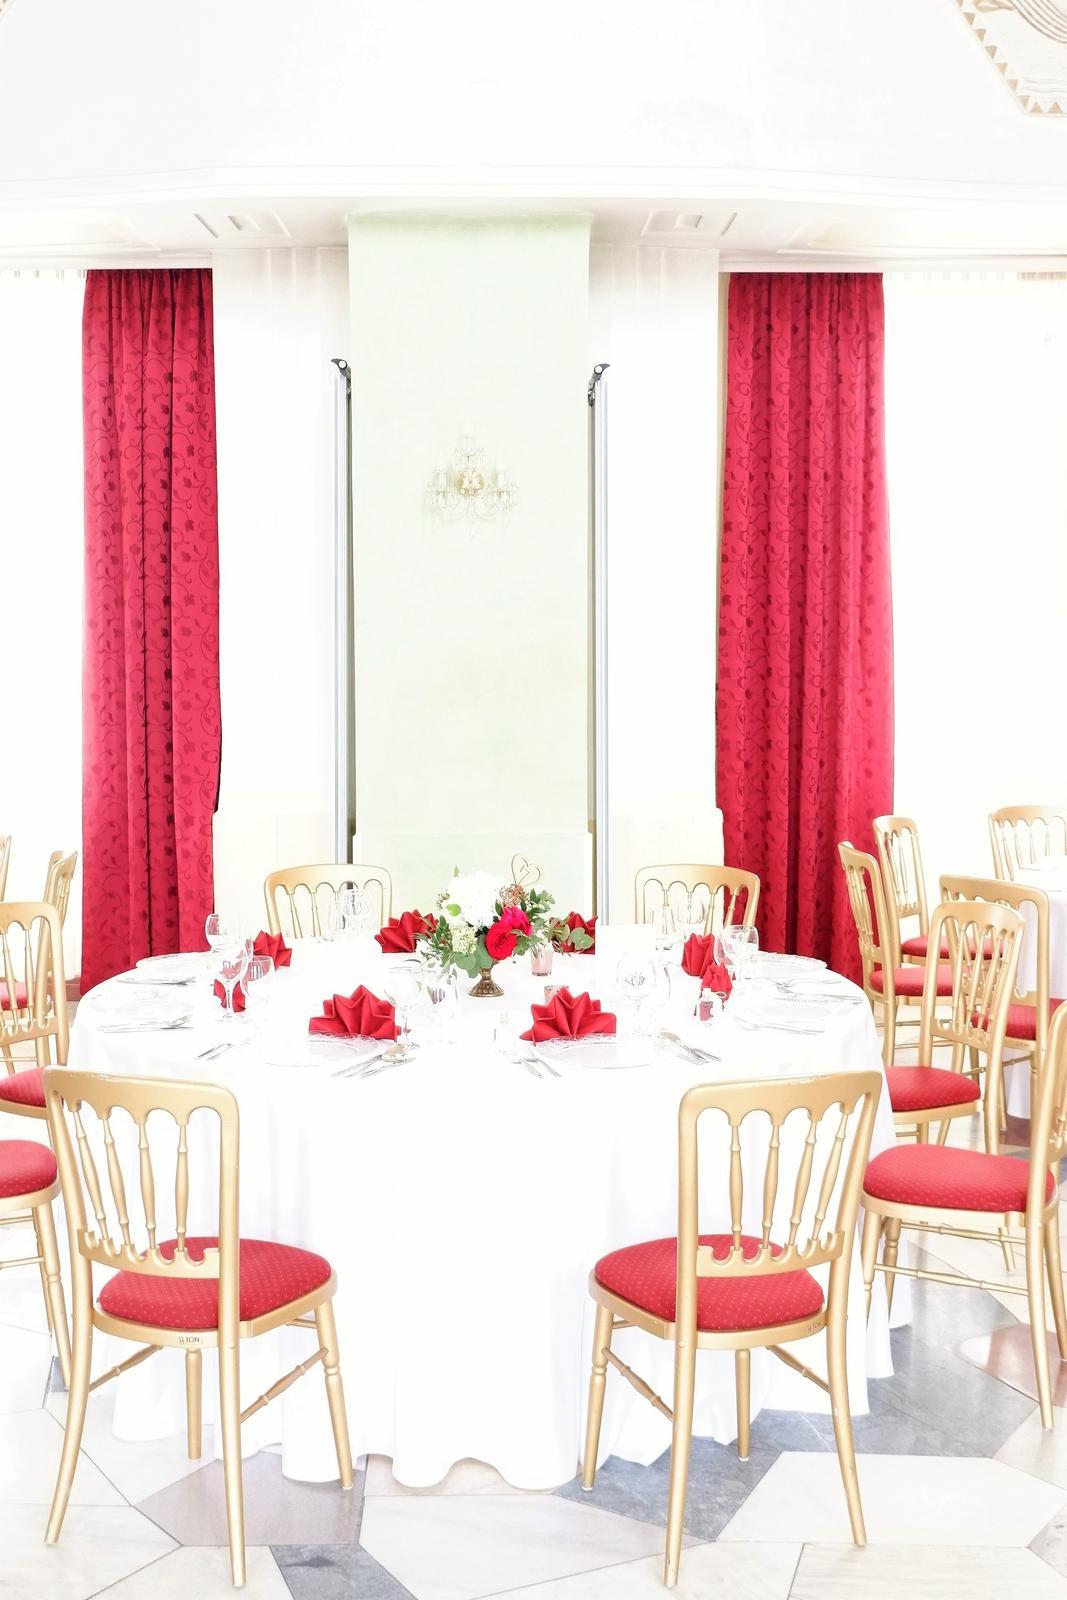 obrus na okrúhly stôl 320 cm alebo 300 cm - Obrázok č. 3